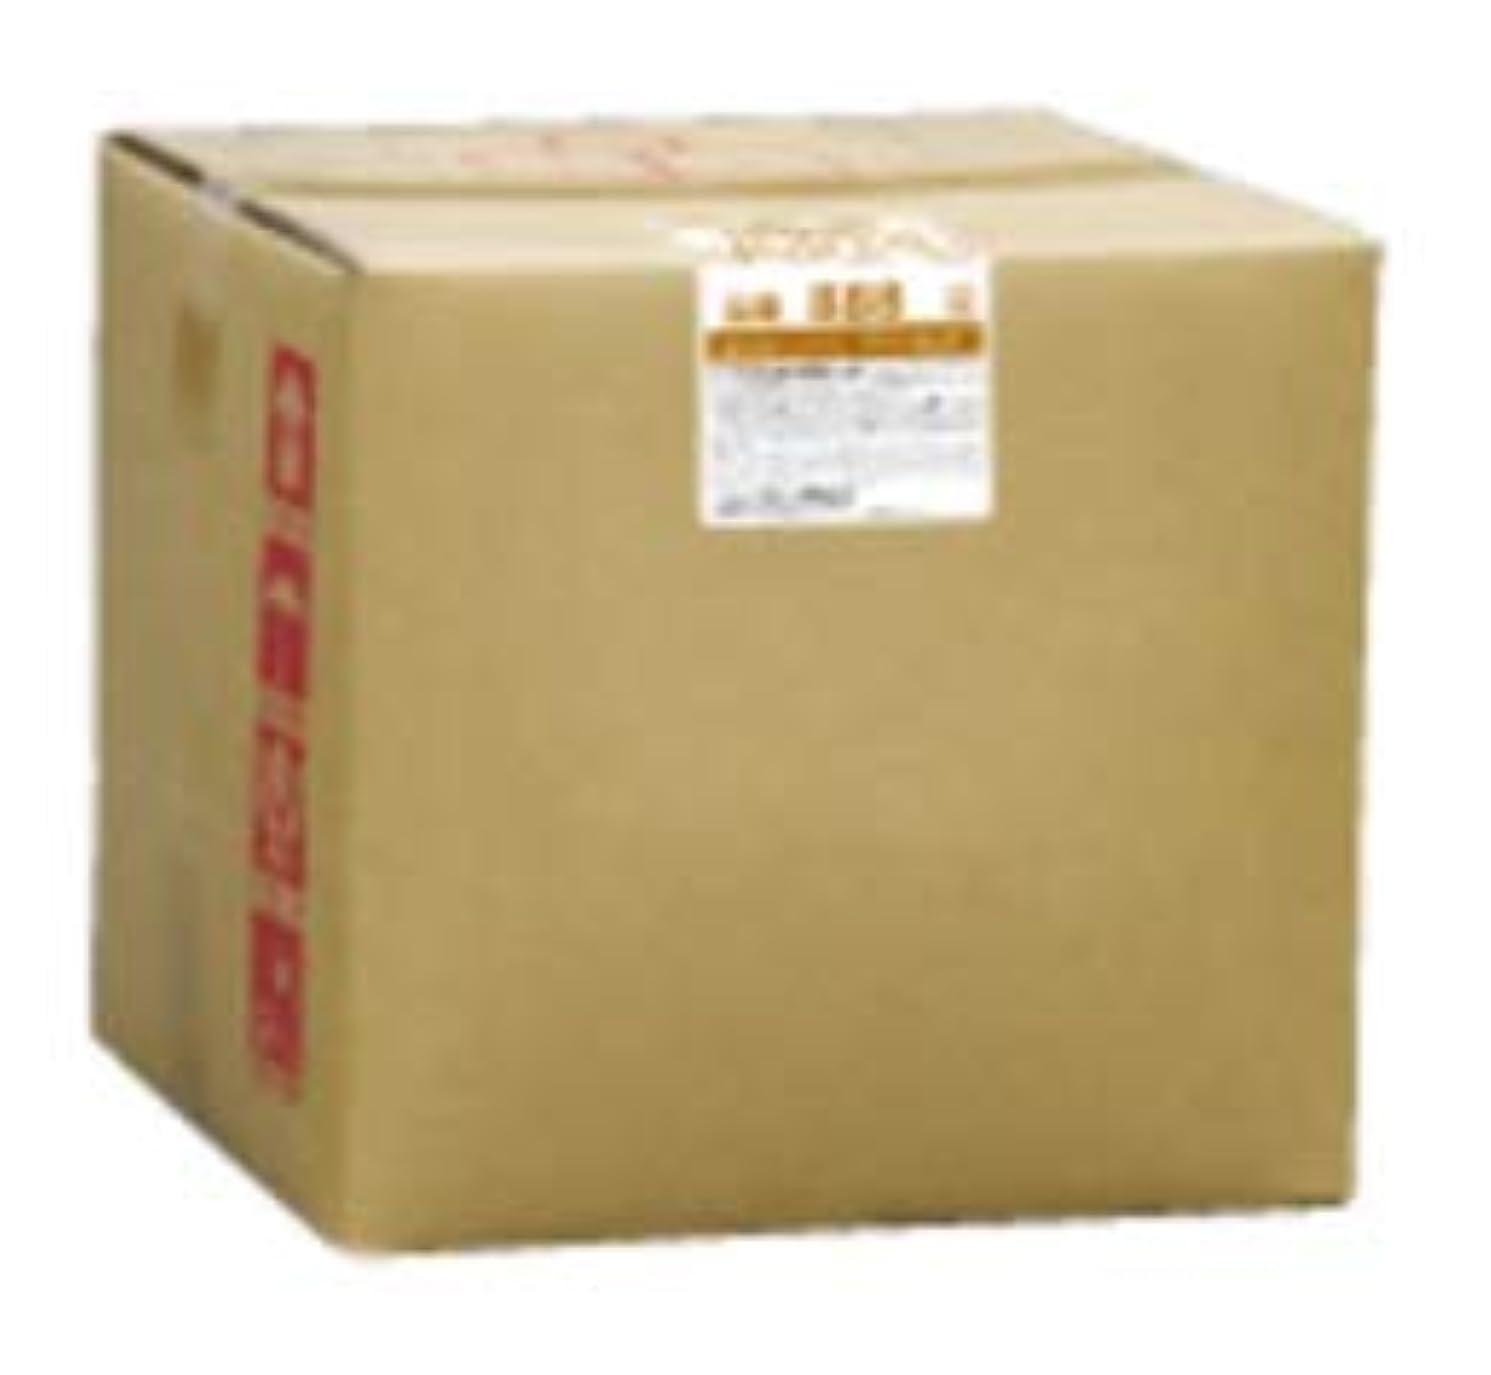 餌ゴール細胞フタバ化学 ラコンサ RakhOansat コンディショナー 18L 詰め替え 480ml専用空容器付